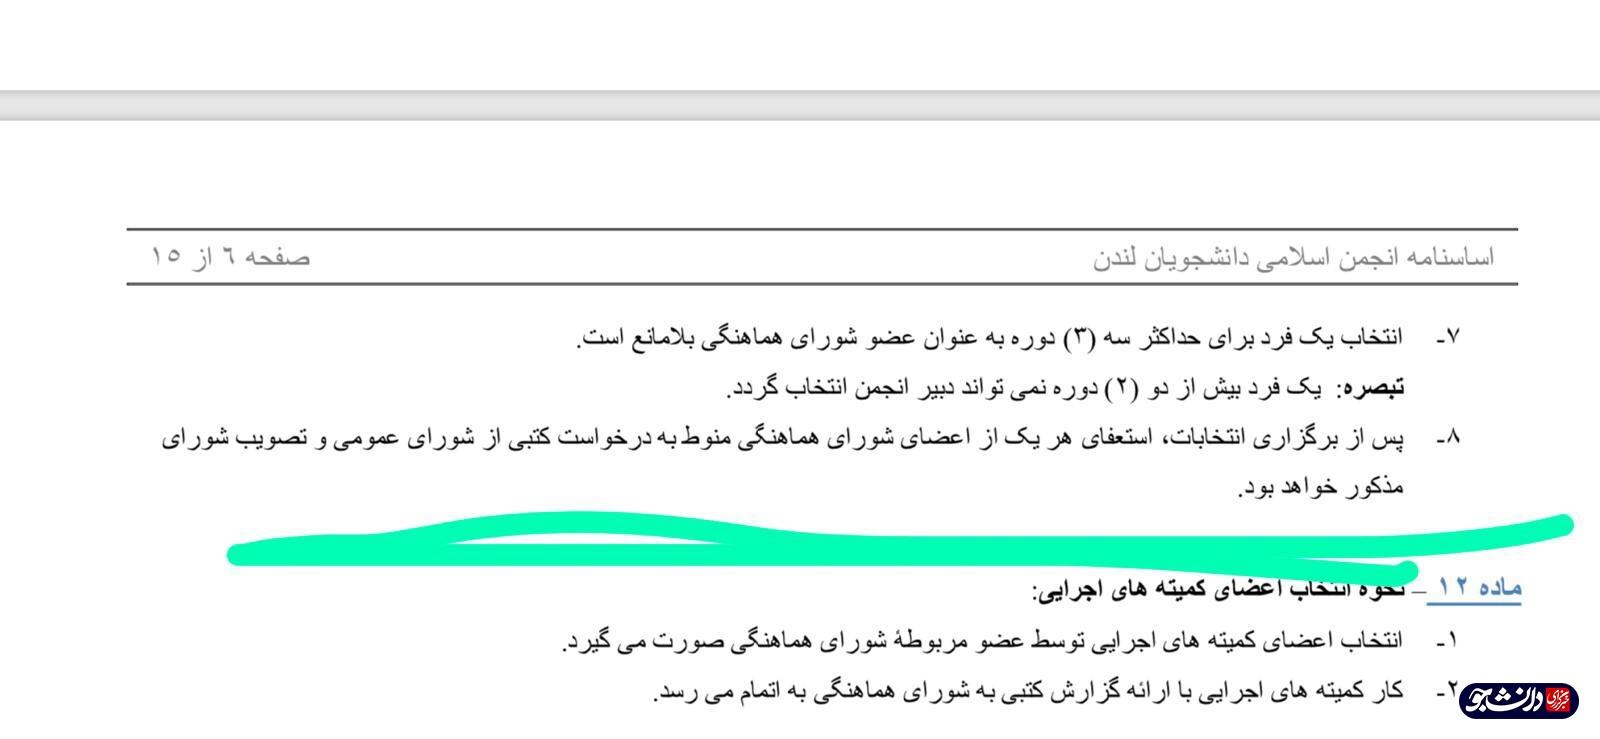 ماجرای انتخابات ناگهانی انجمن اسلامی لندن چه بود؟ / از عضوگیری شبانه تا لغو عضویت ناگهانی اعضای انجمن اسلامی لندن!